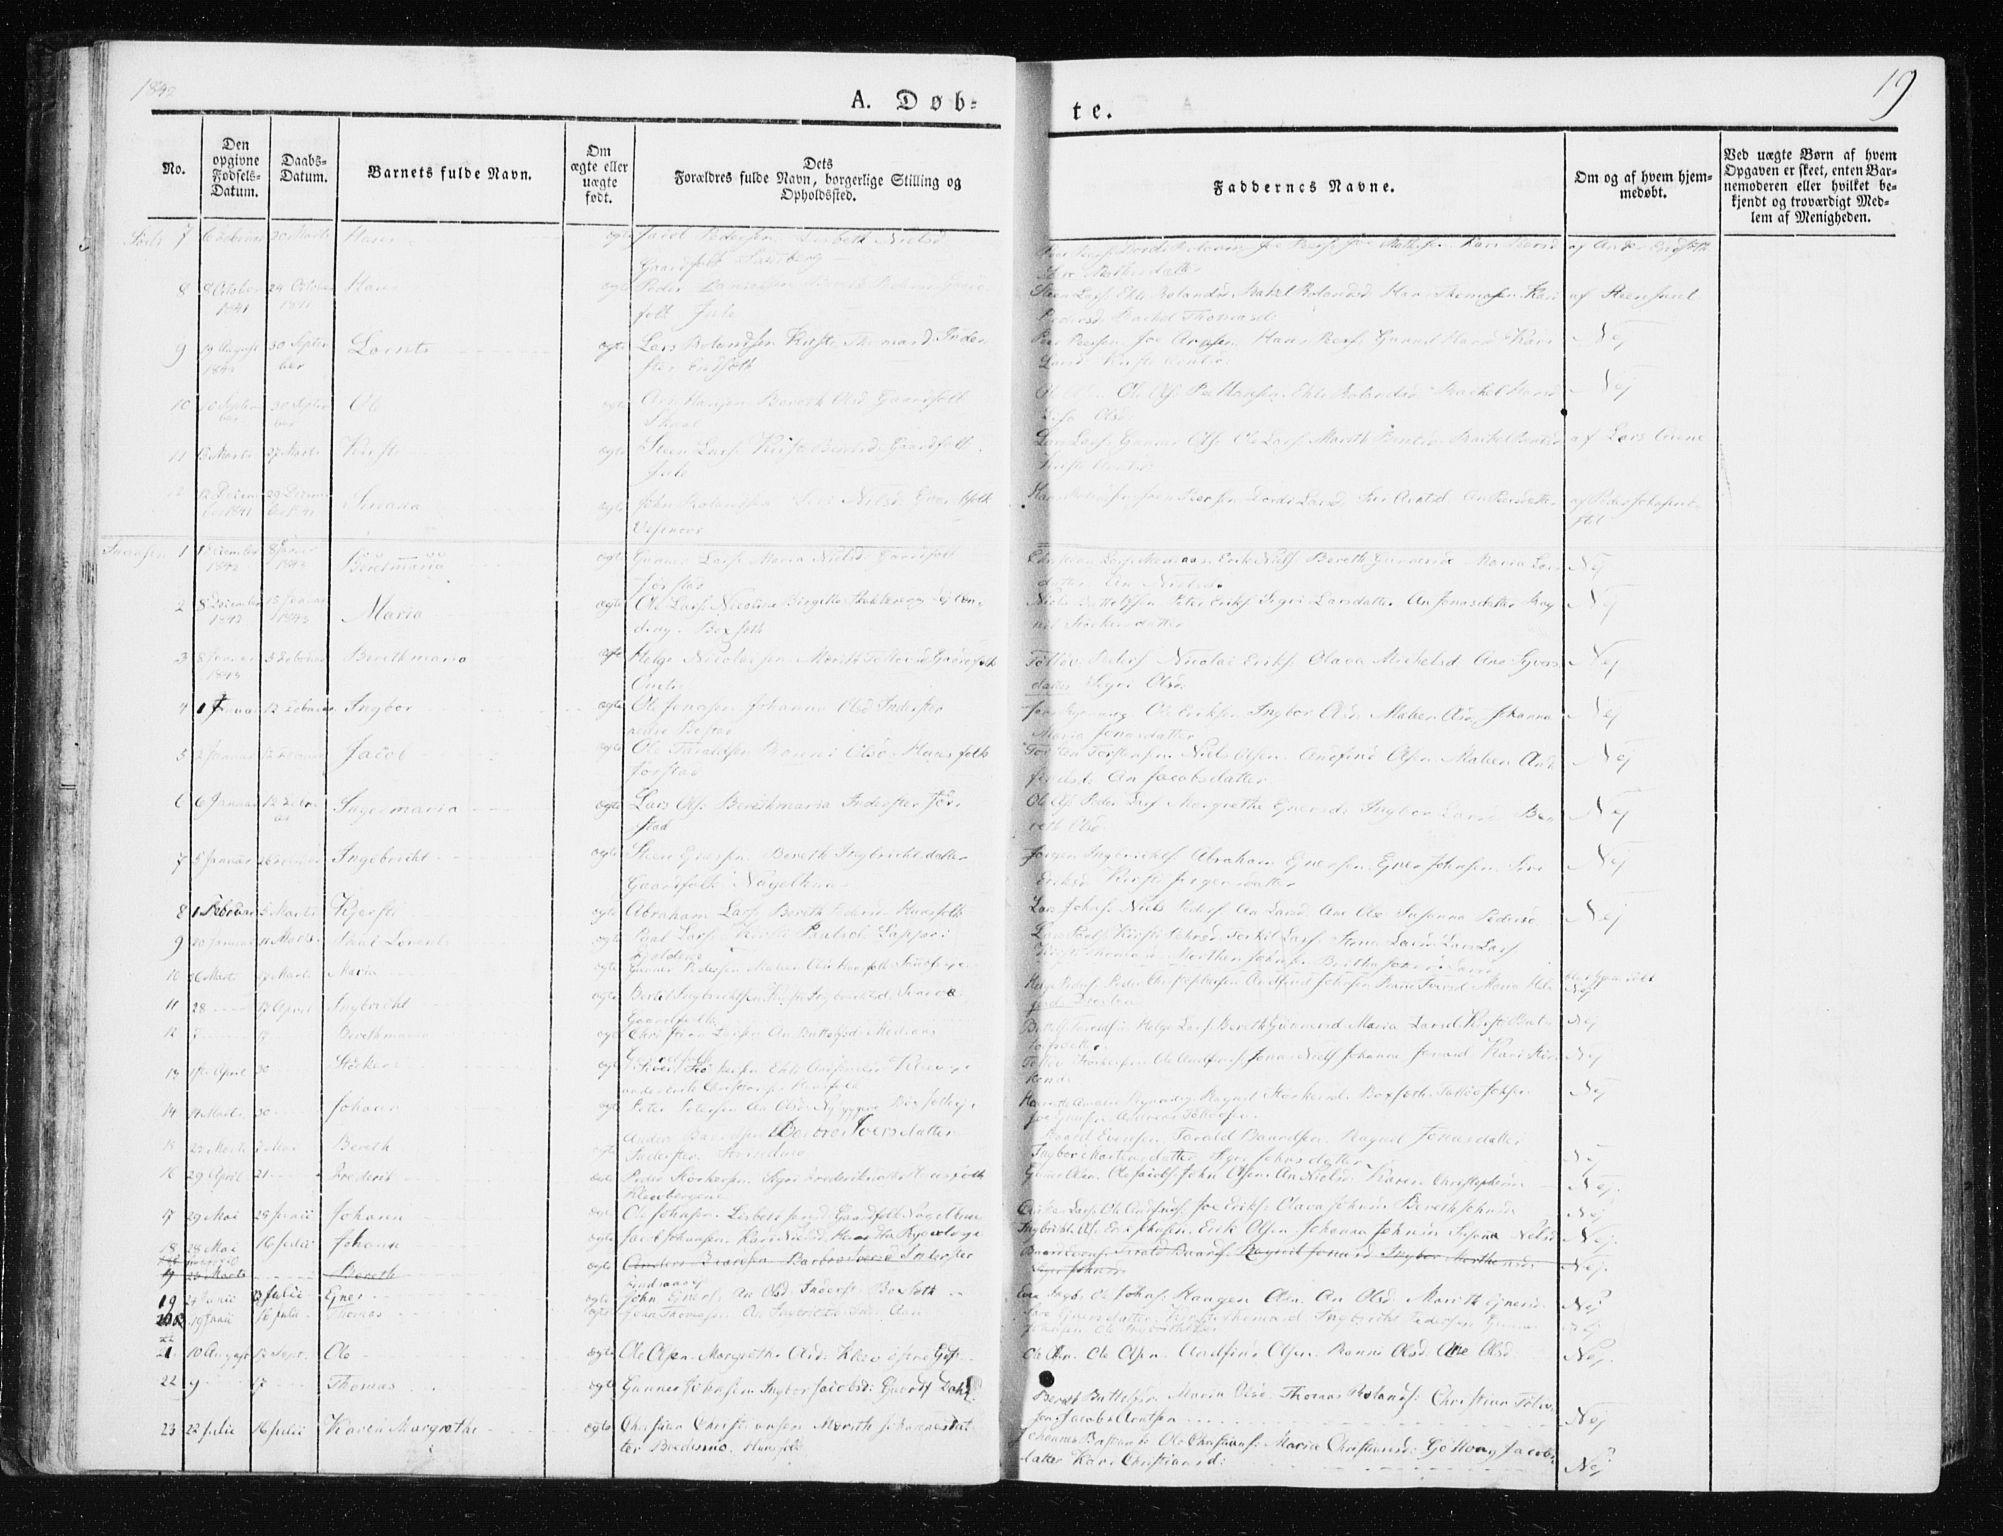 SAT, Ministerialprotokoller, klokkerbøker og fødselsregistre - Nord-Trøndelag, 749/L0470: Ministerialbok nr. 749A04, 1834-1853, s. 19